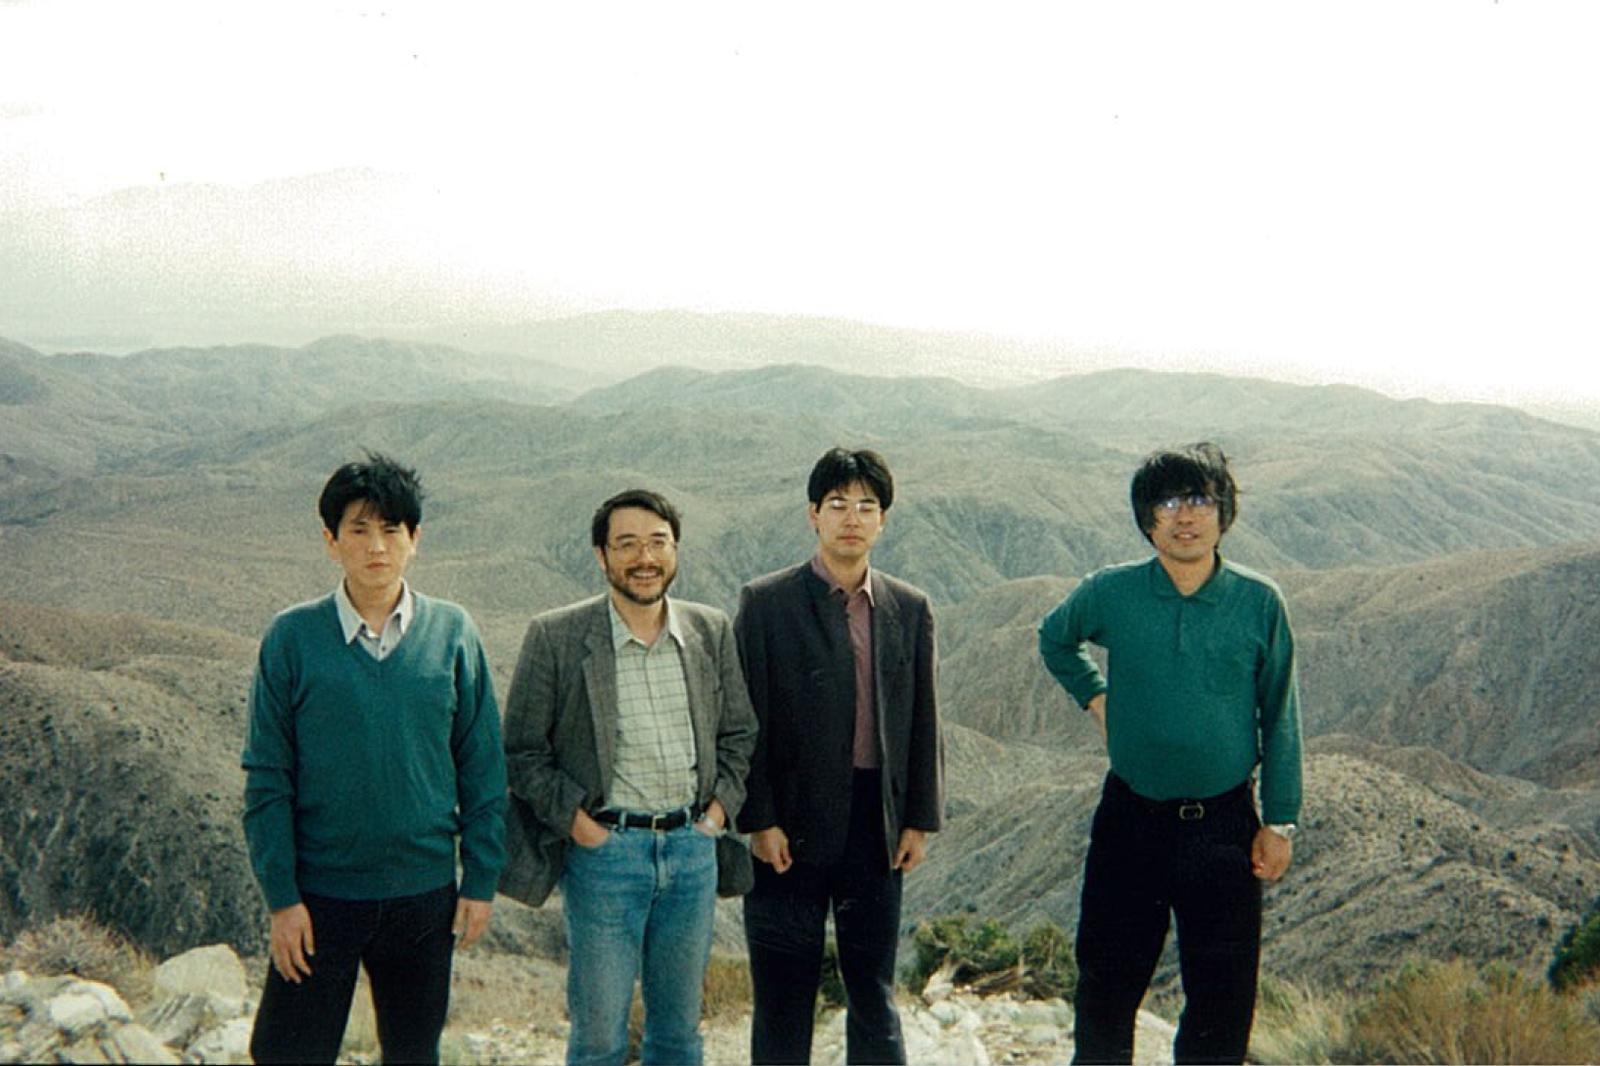 浅田秀樹教授の思い出の写真1